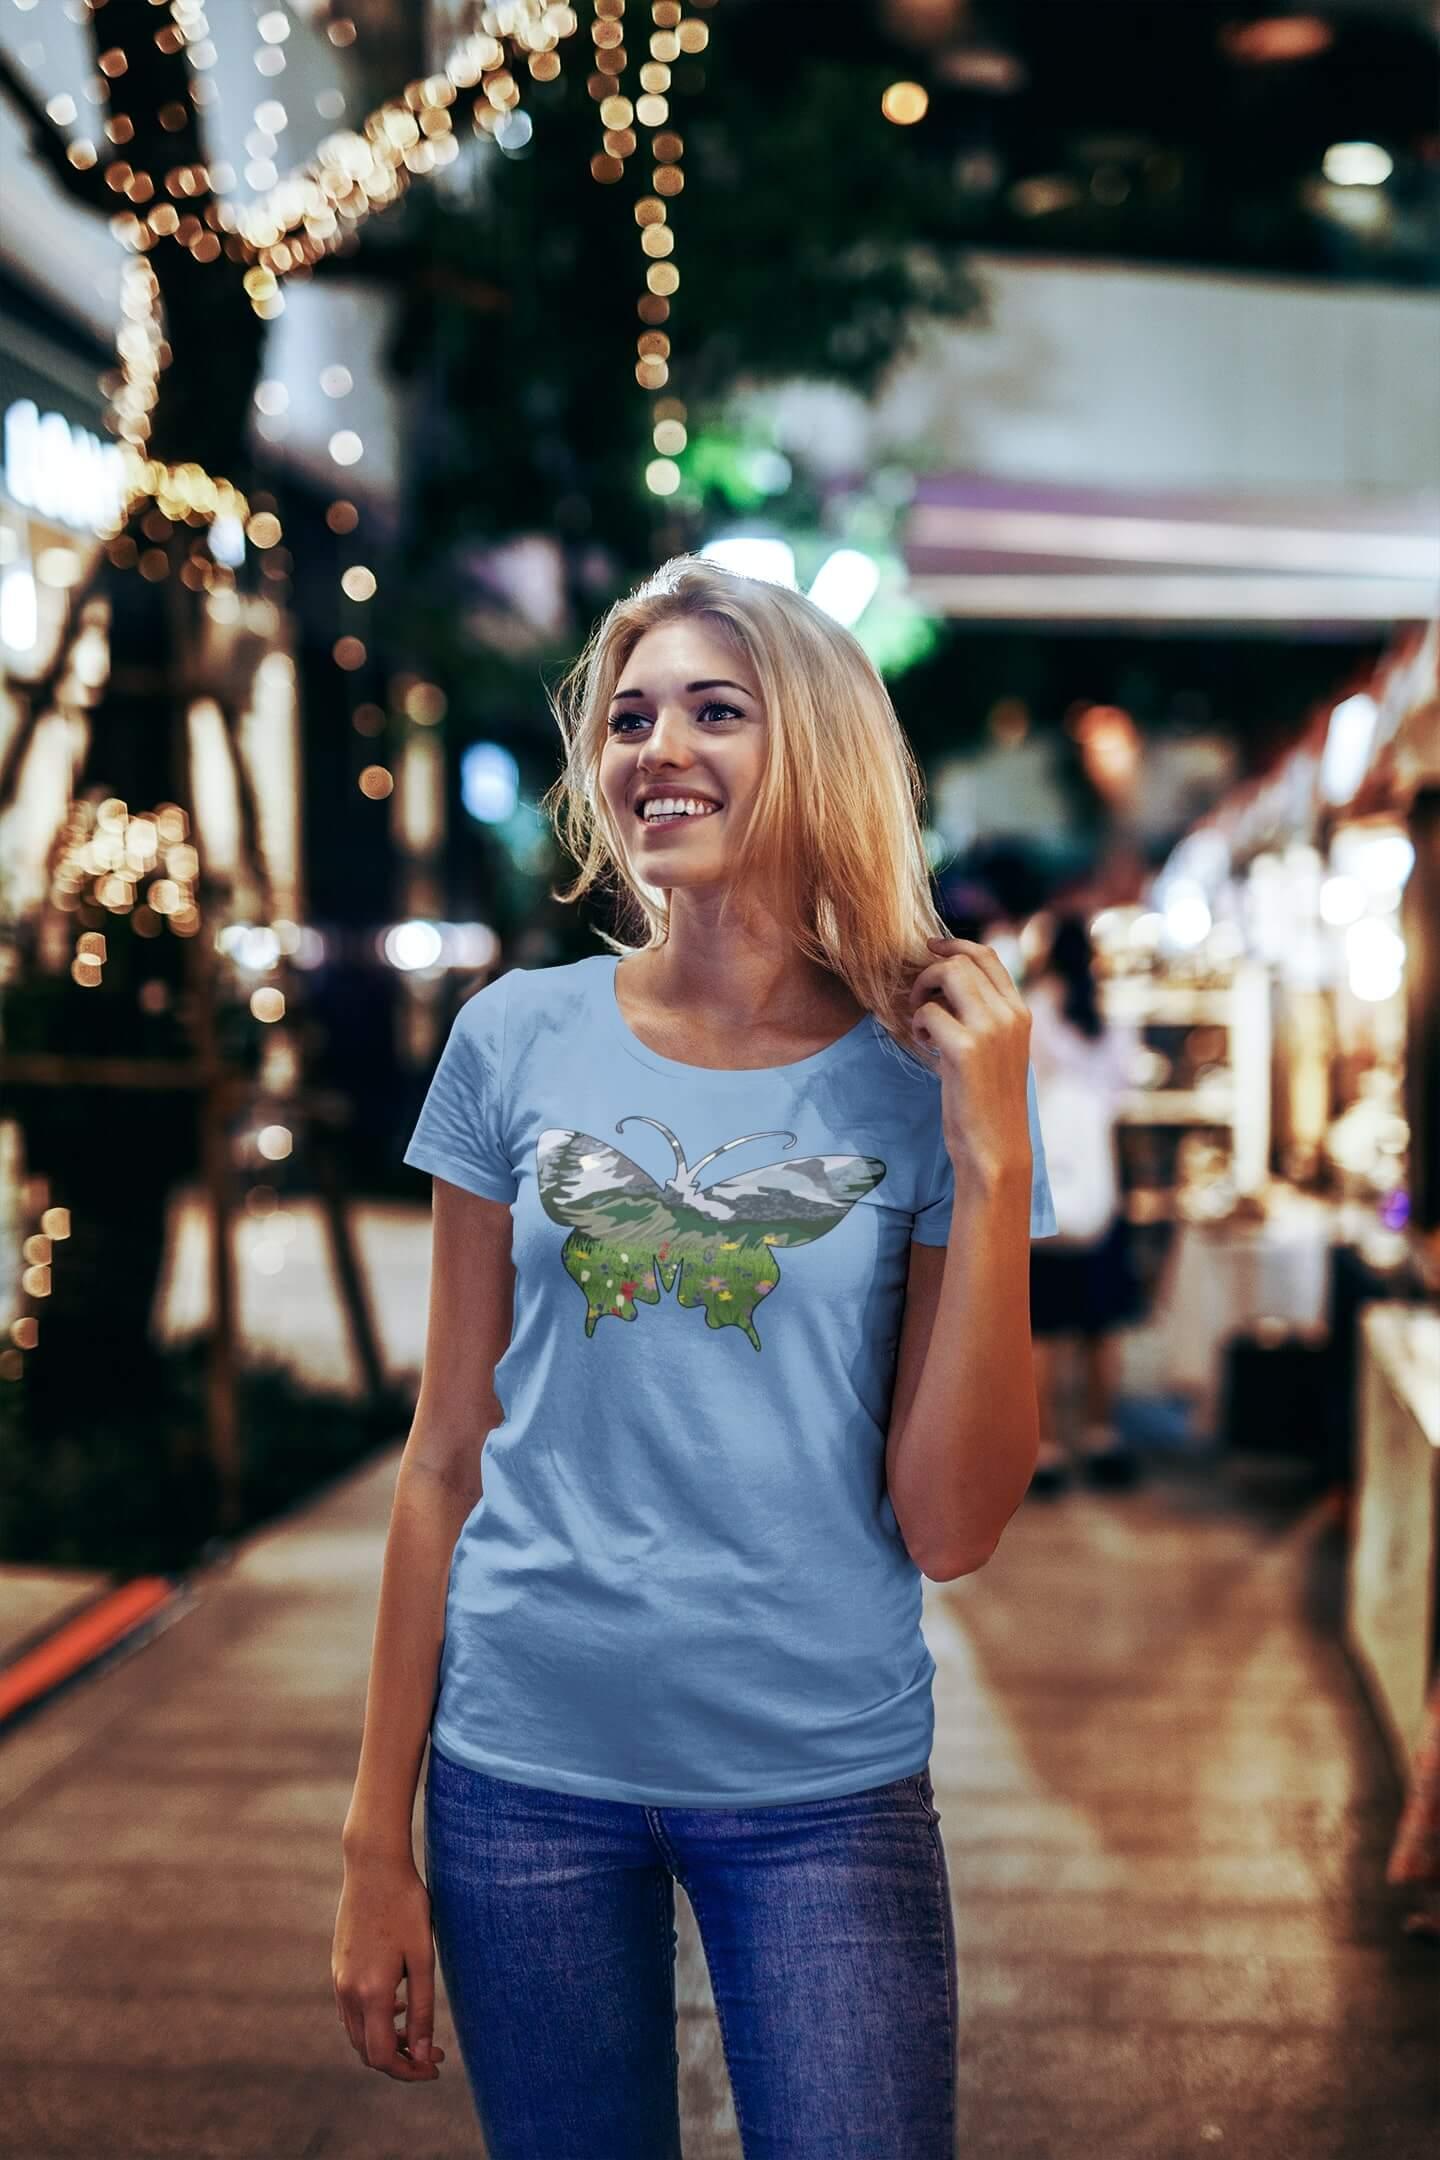 MMO Dámske tričko Motýľ Vyberte farbu: Svetlomodrá, Dámska veľkosť: S